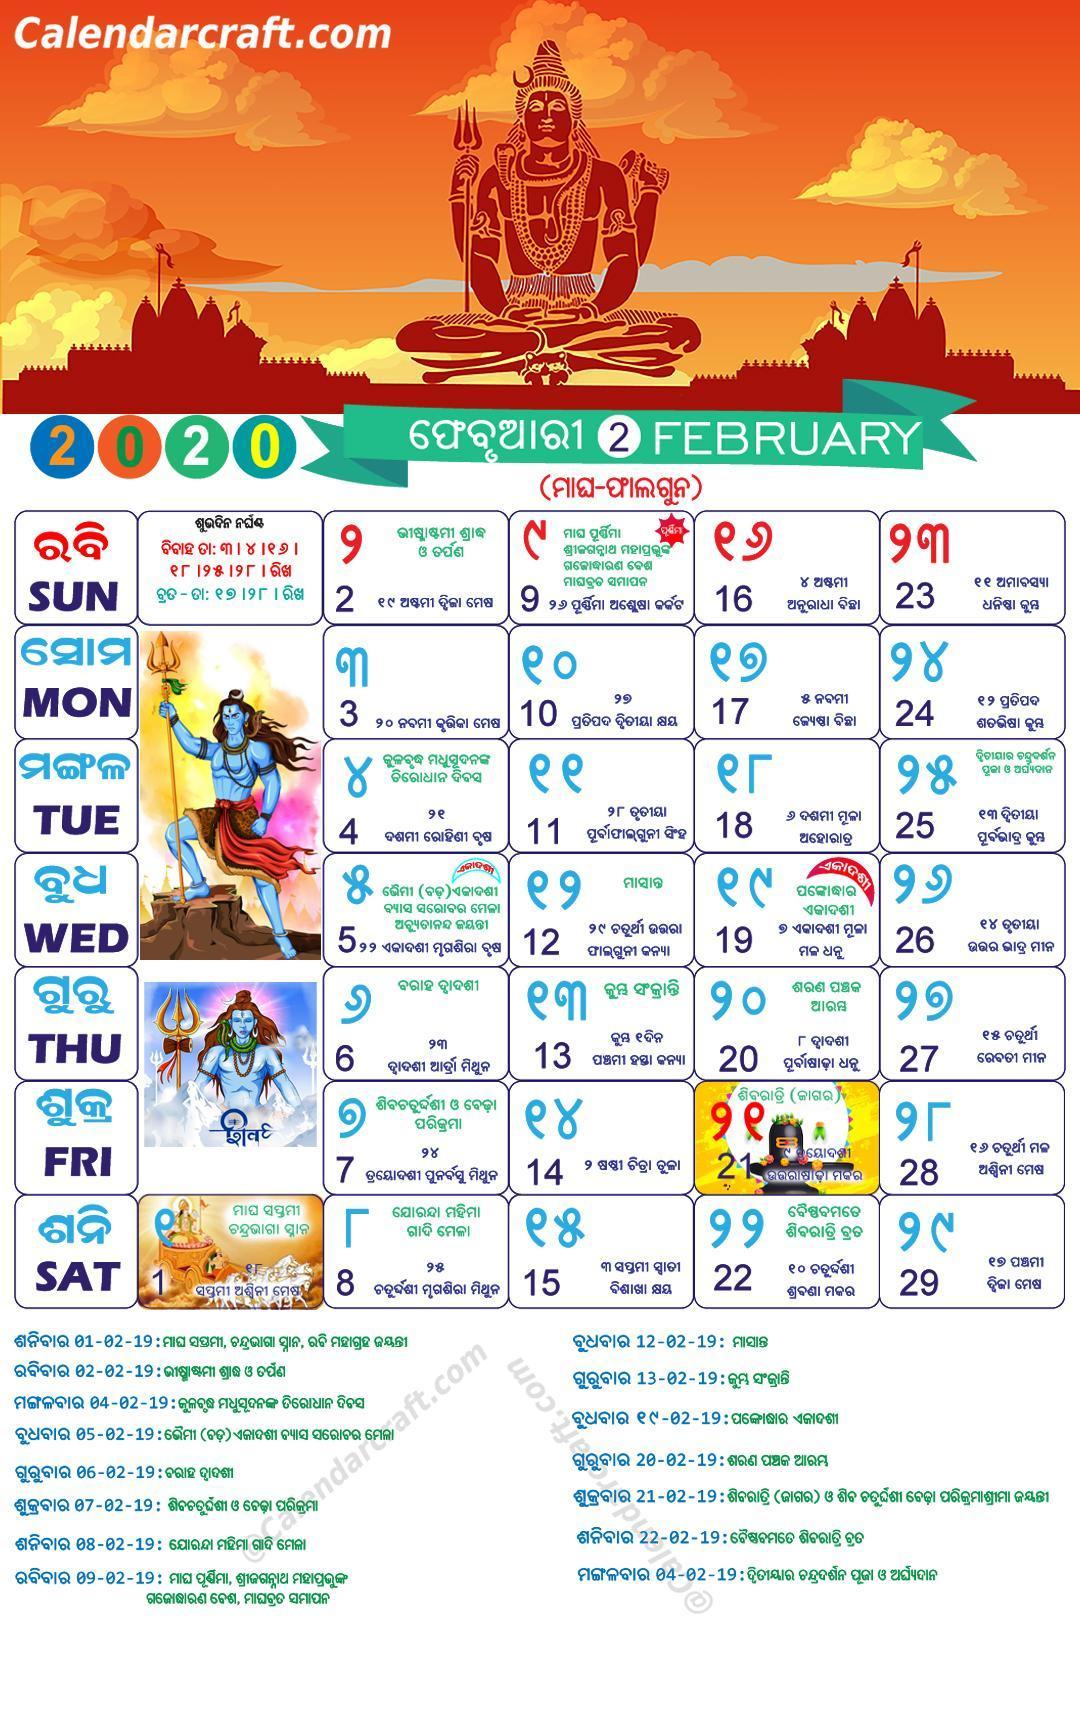 2020 Calendar Odia